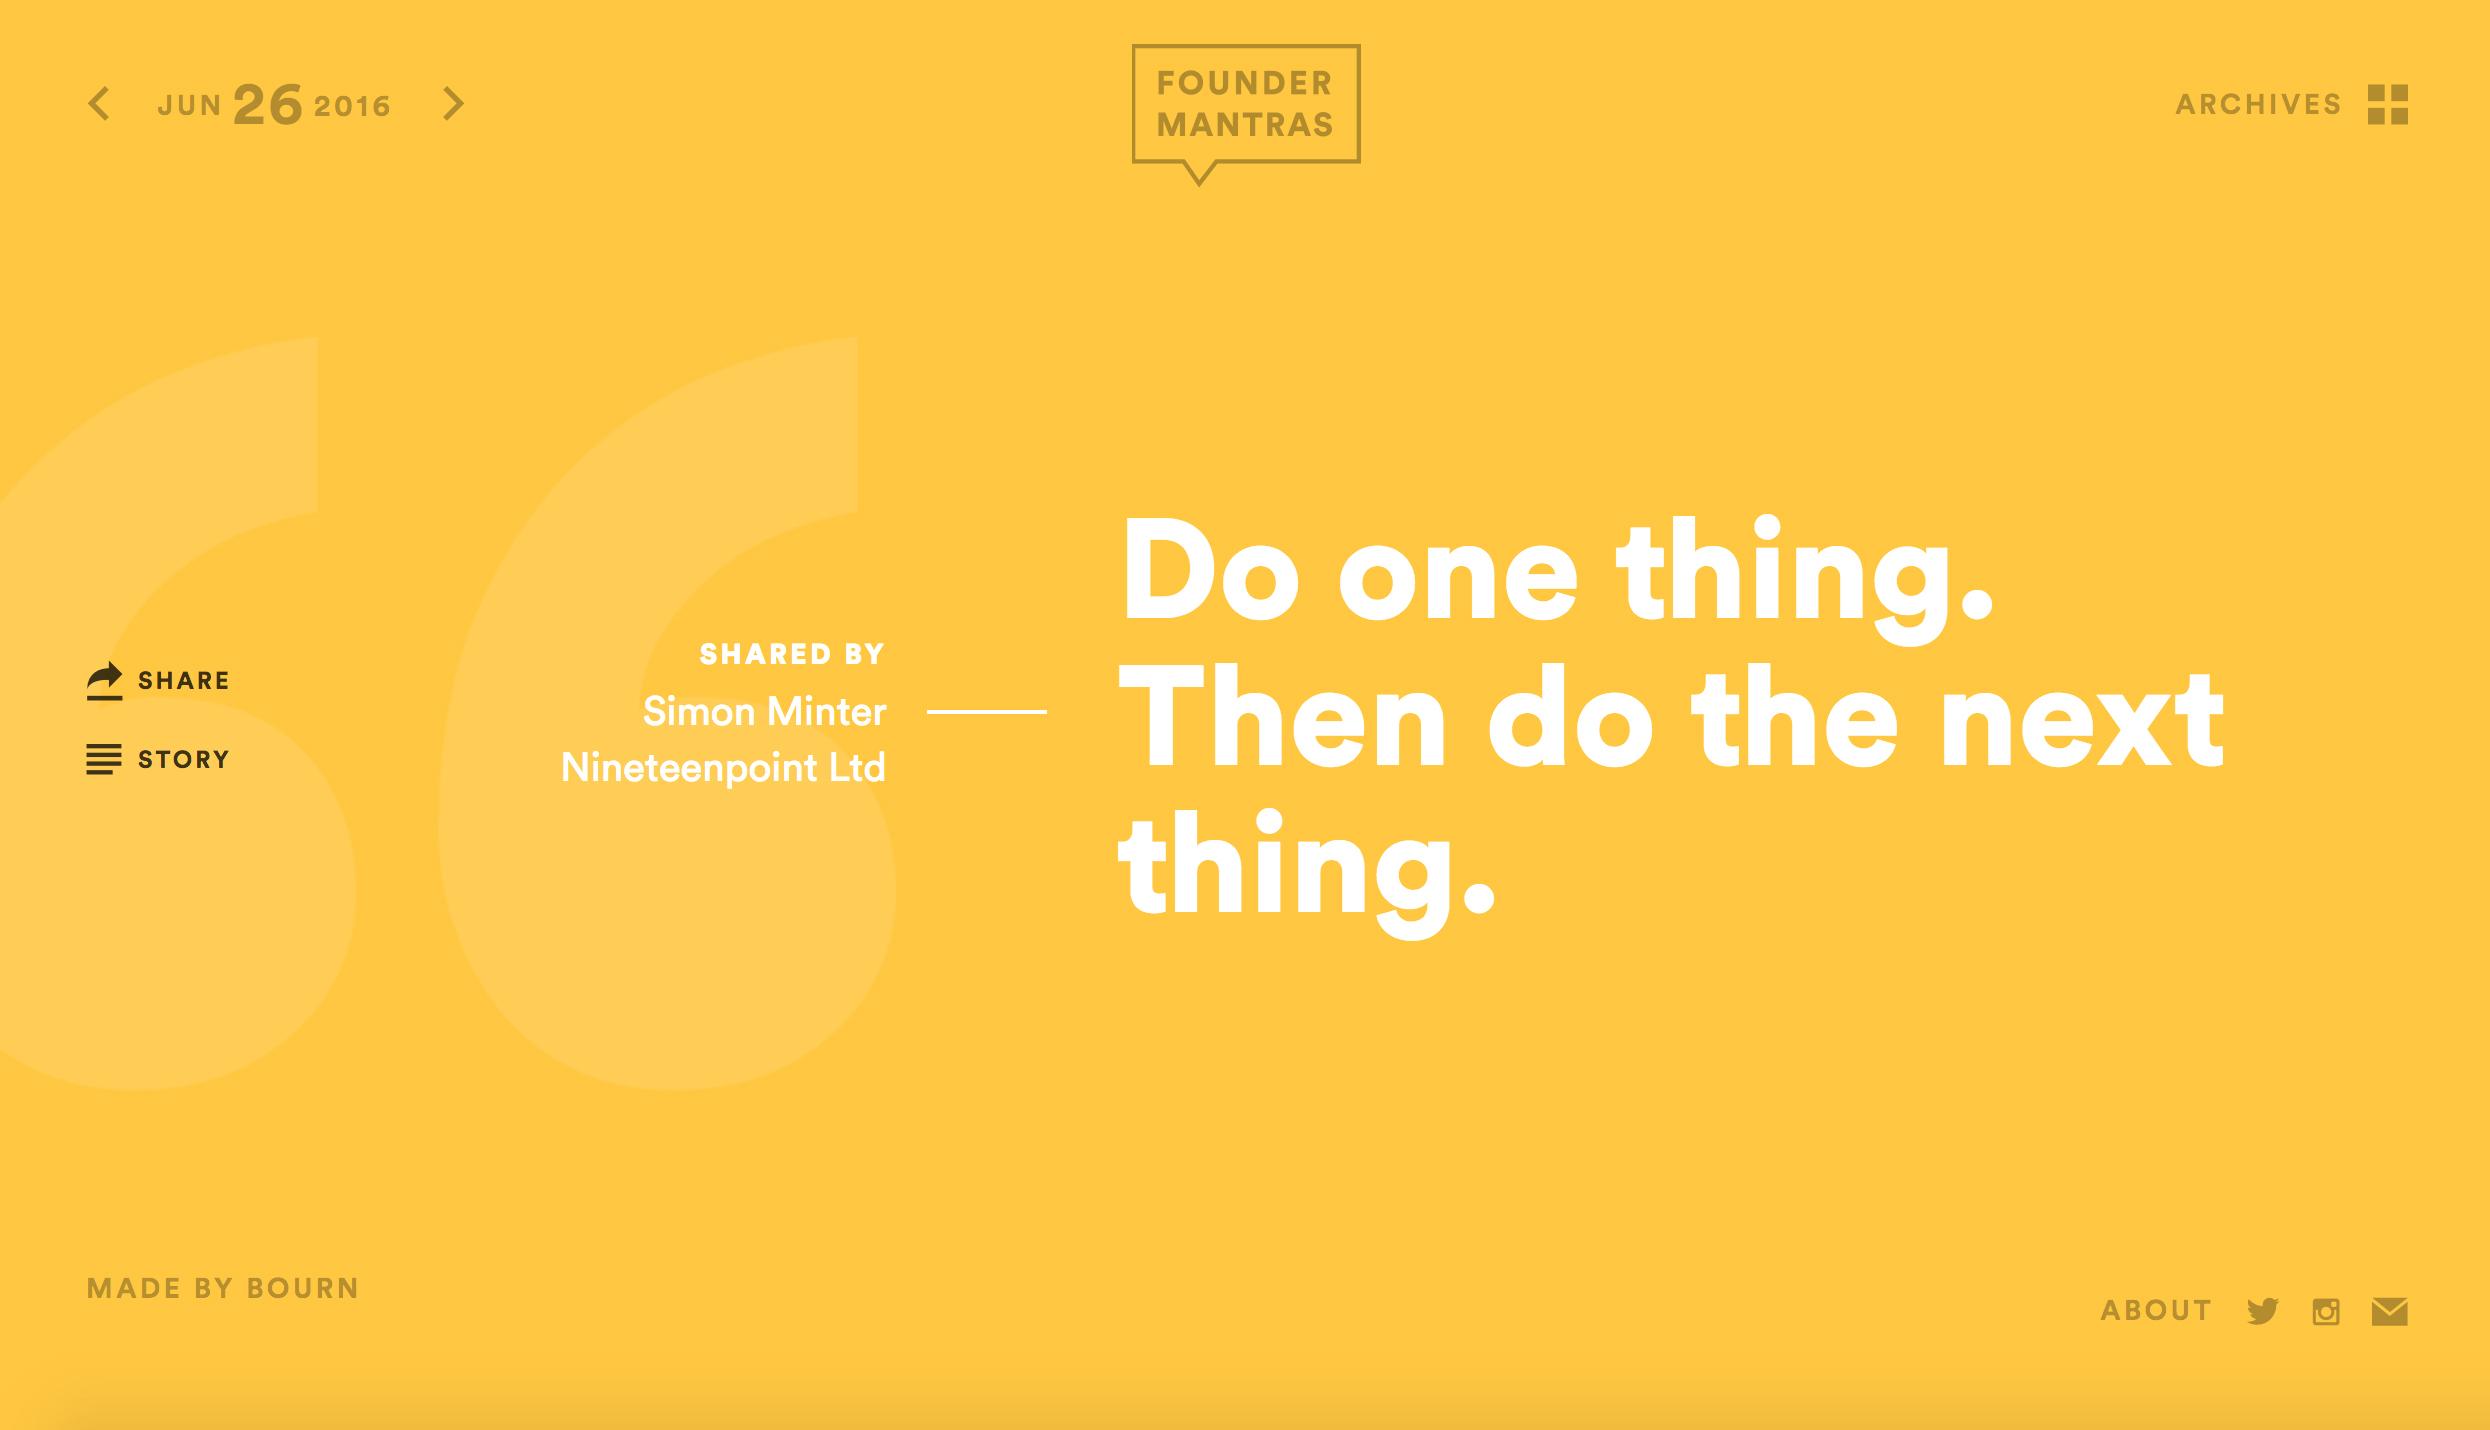 Founder Mantras http://foundermantras.com